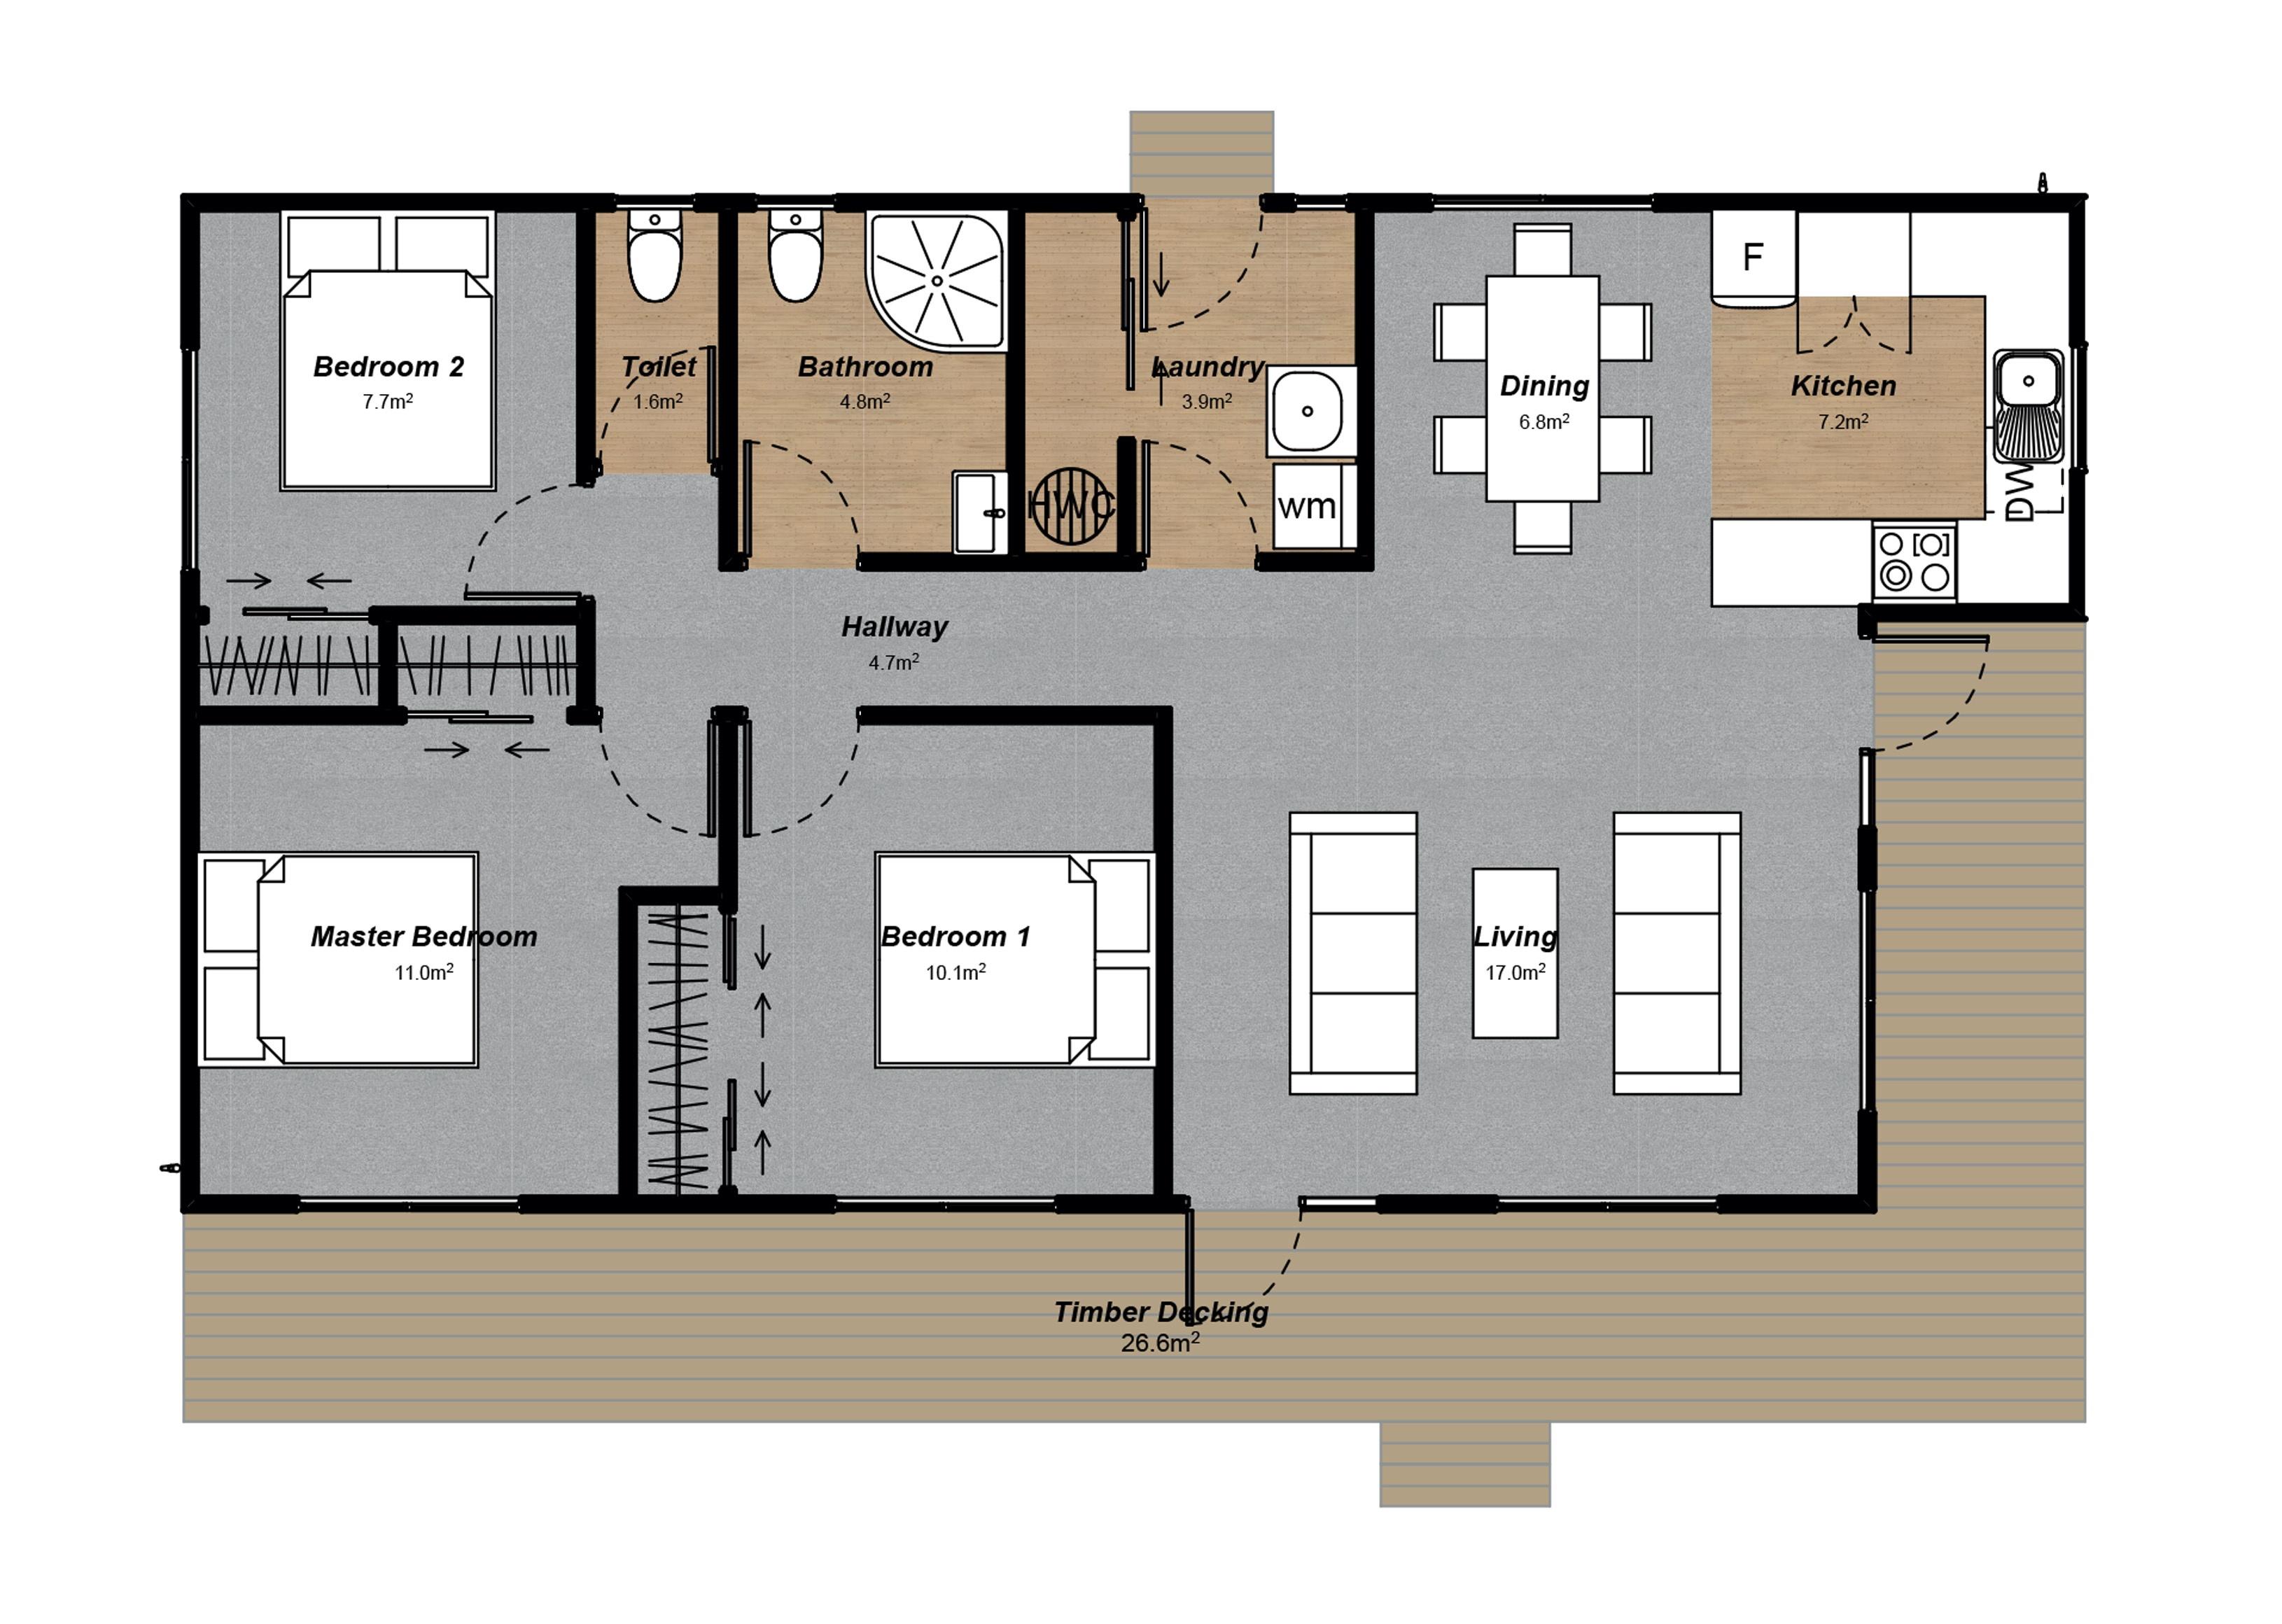 Villa 3 Floor plan